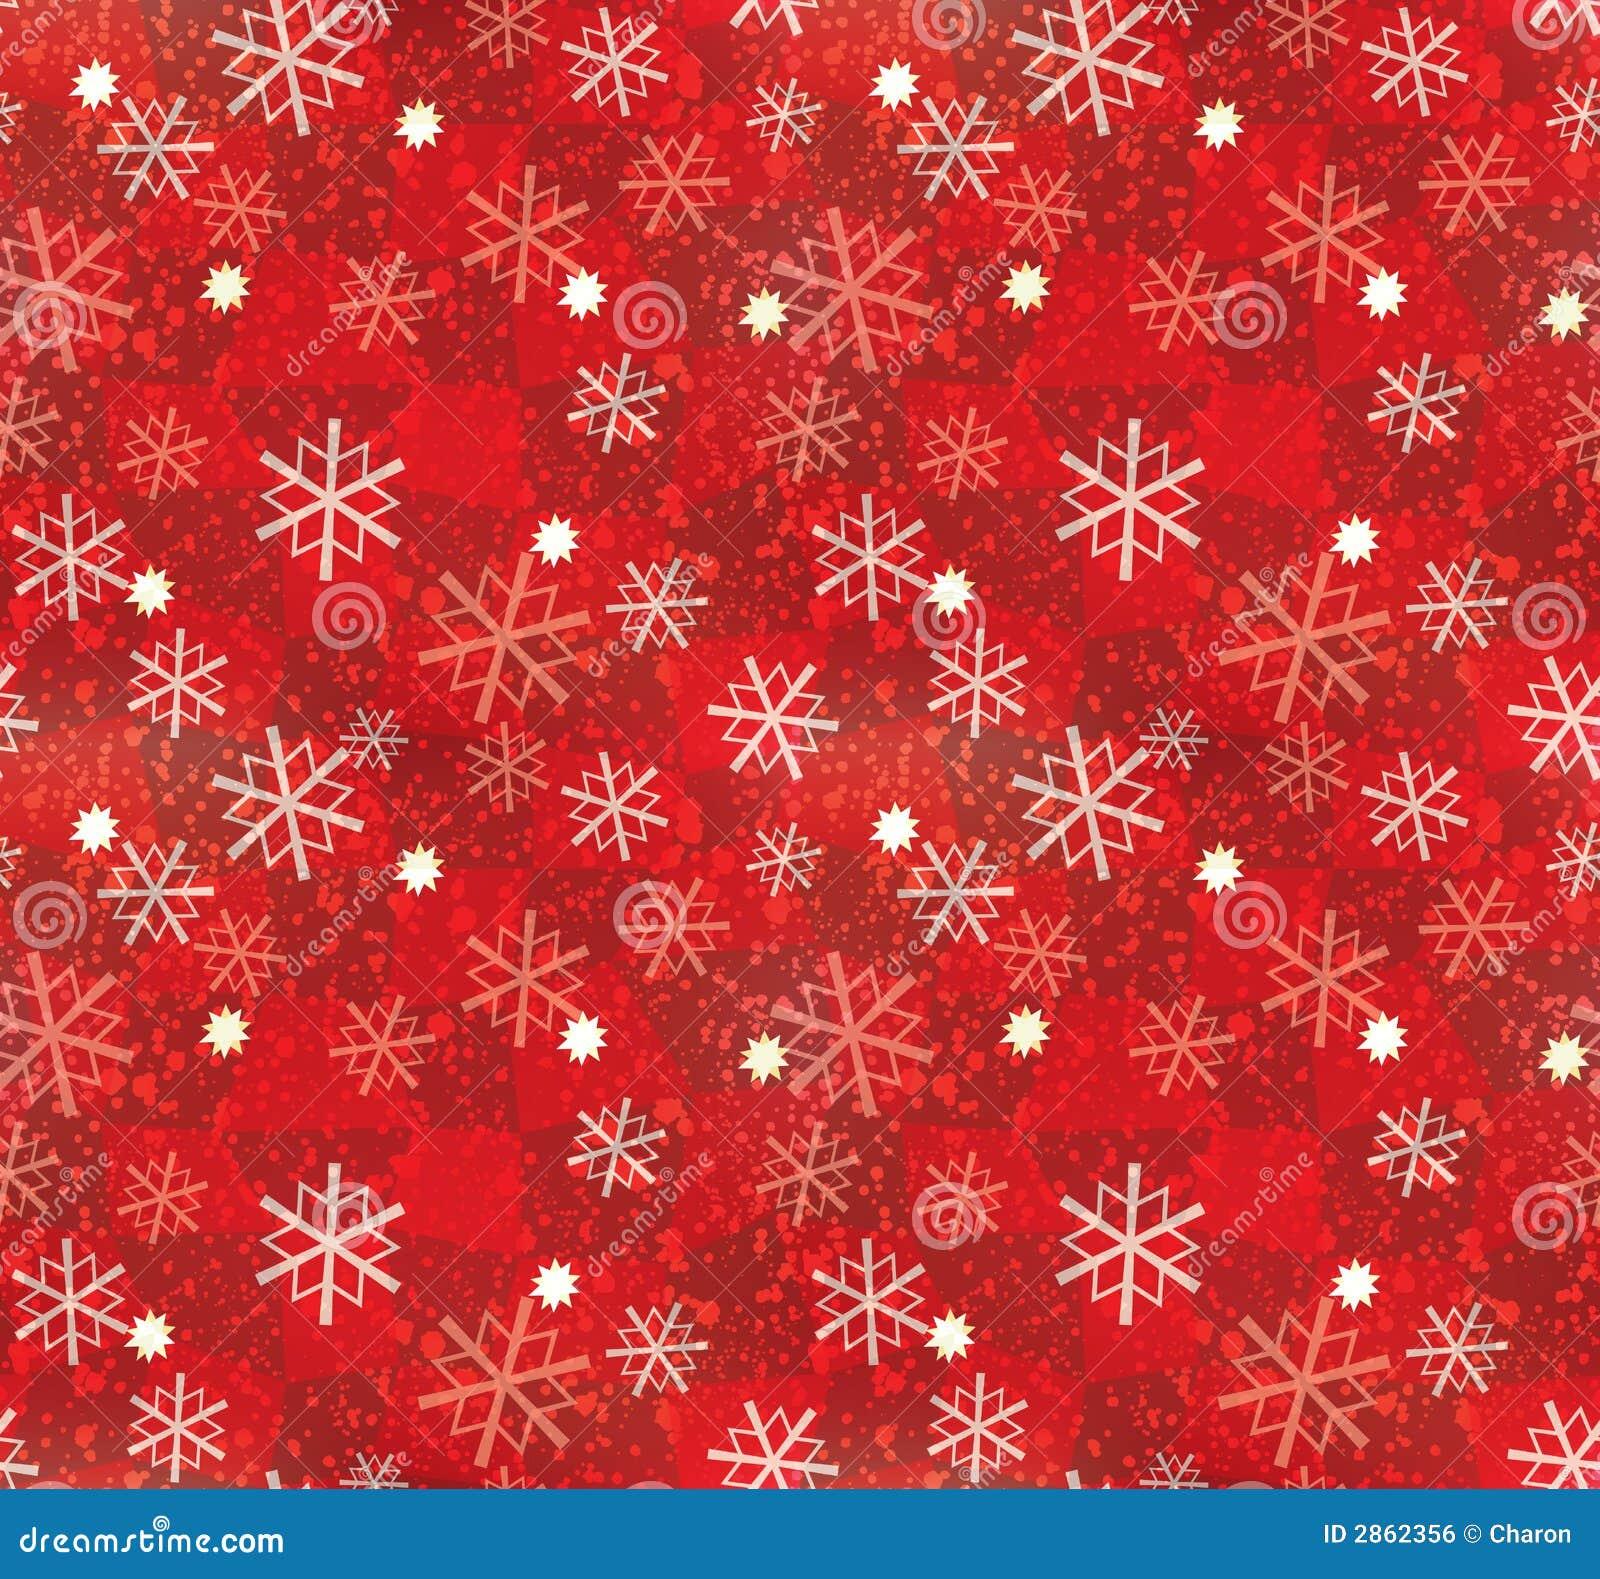 Christmas Snowflake Pa...